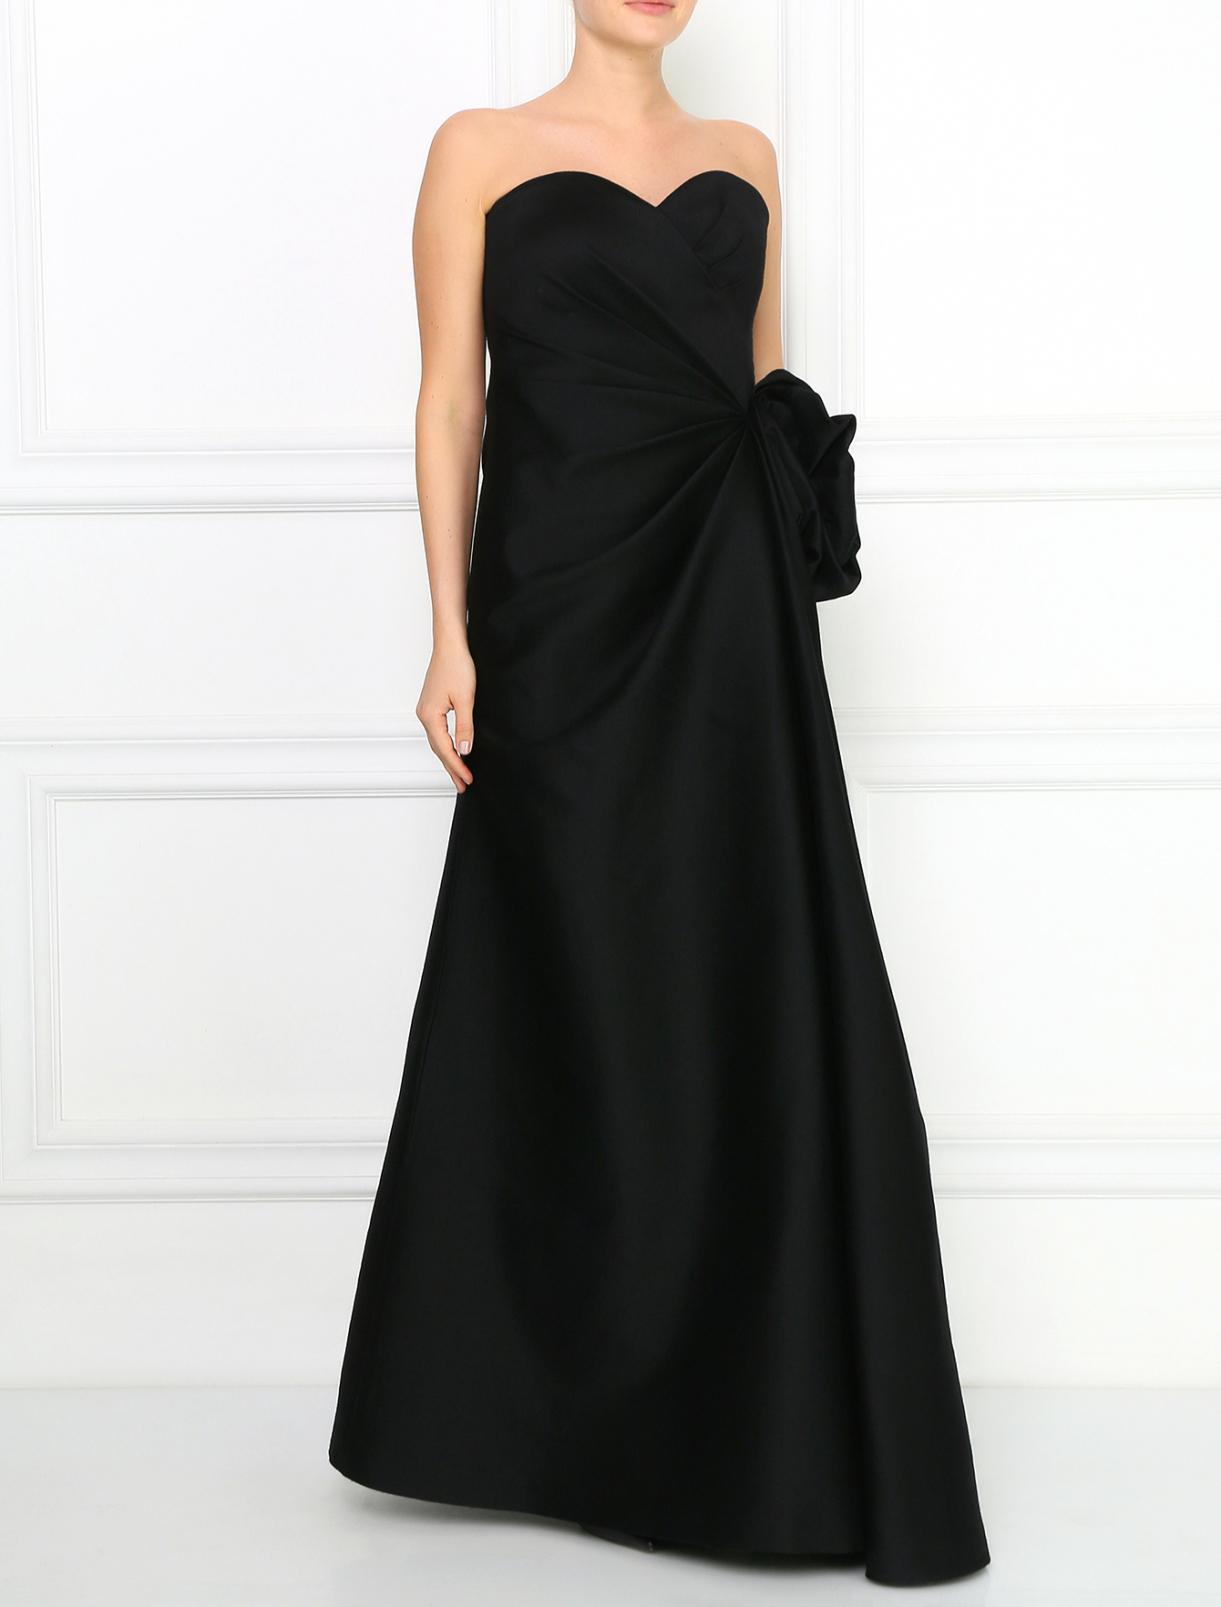 Платье-макси из шерсти и шелка с драпировкой Armani Collezioni  –  Модель Общий вид